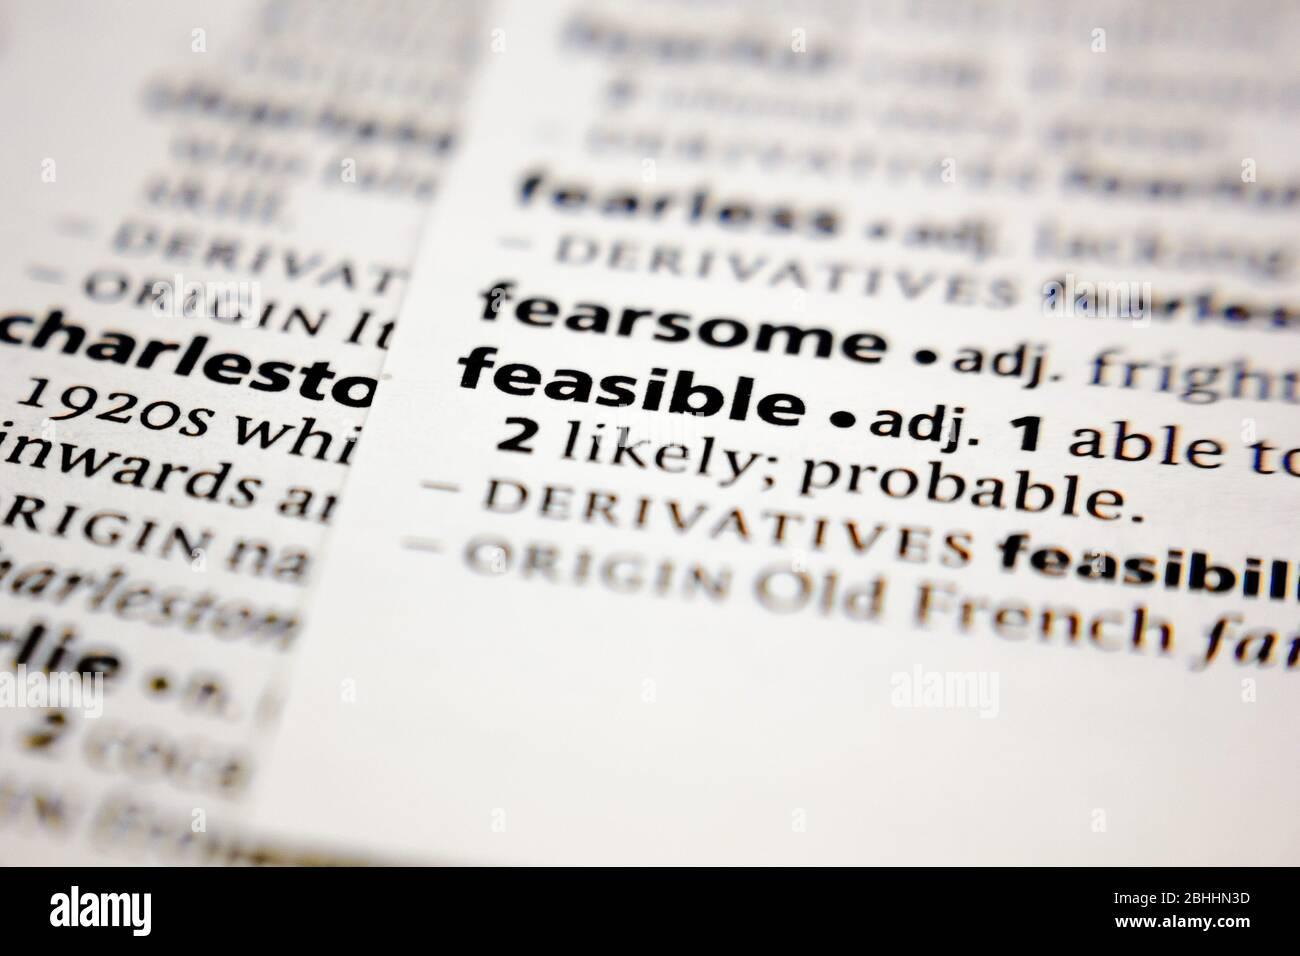 Palabra o frase factible en un diccionario. Foto de stock